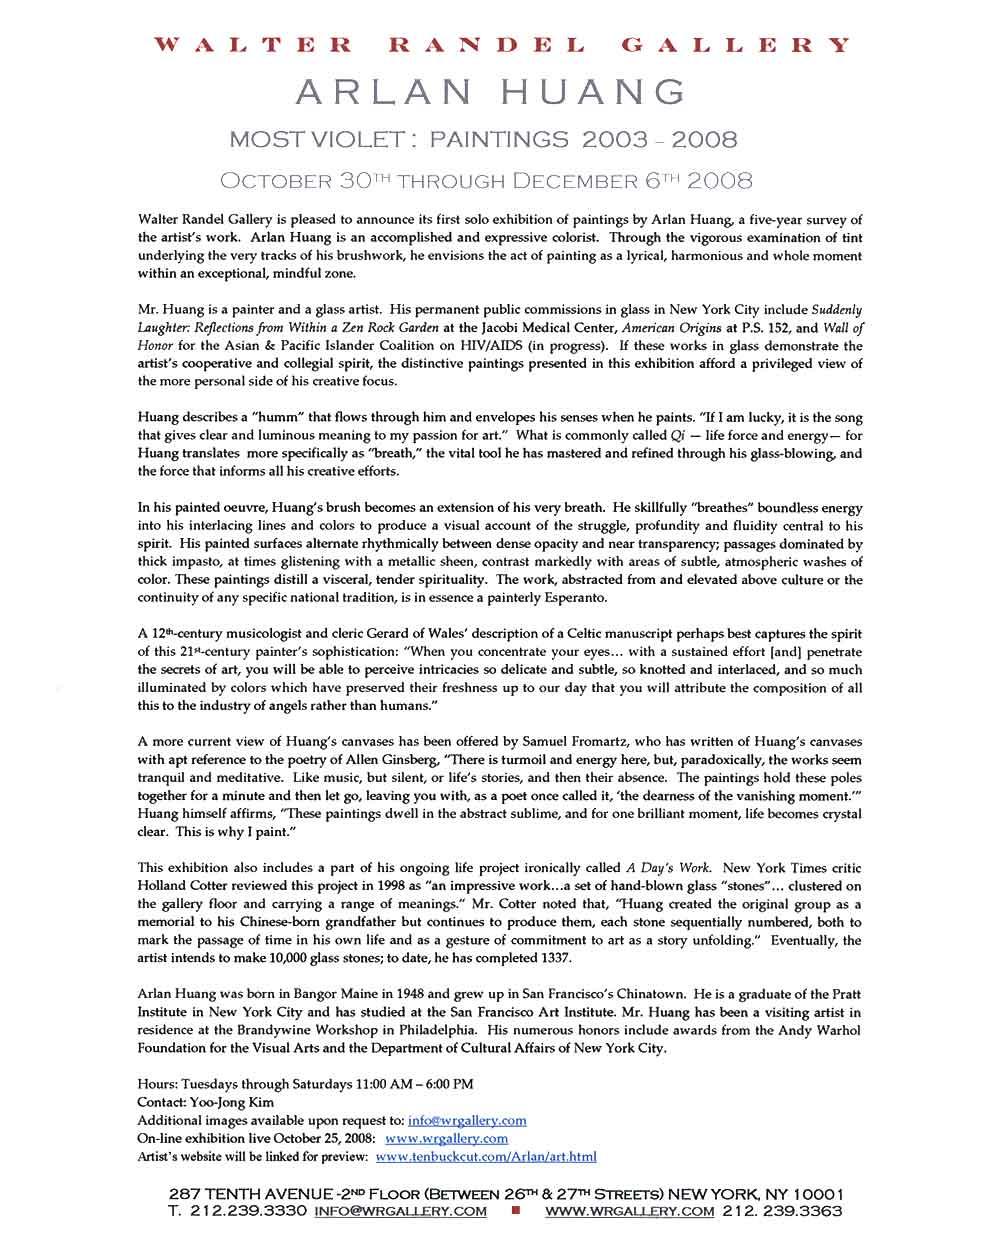 Most Violet, press release